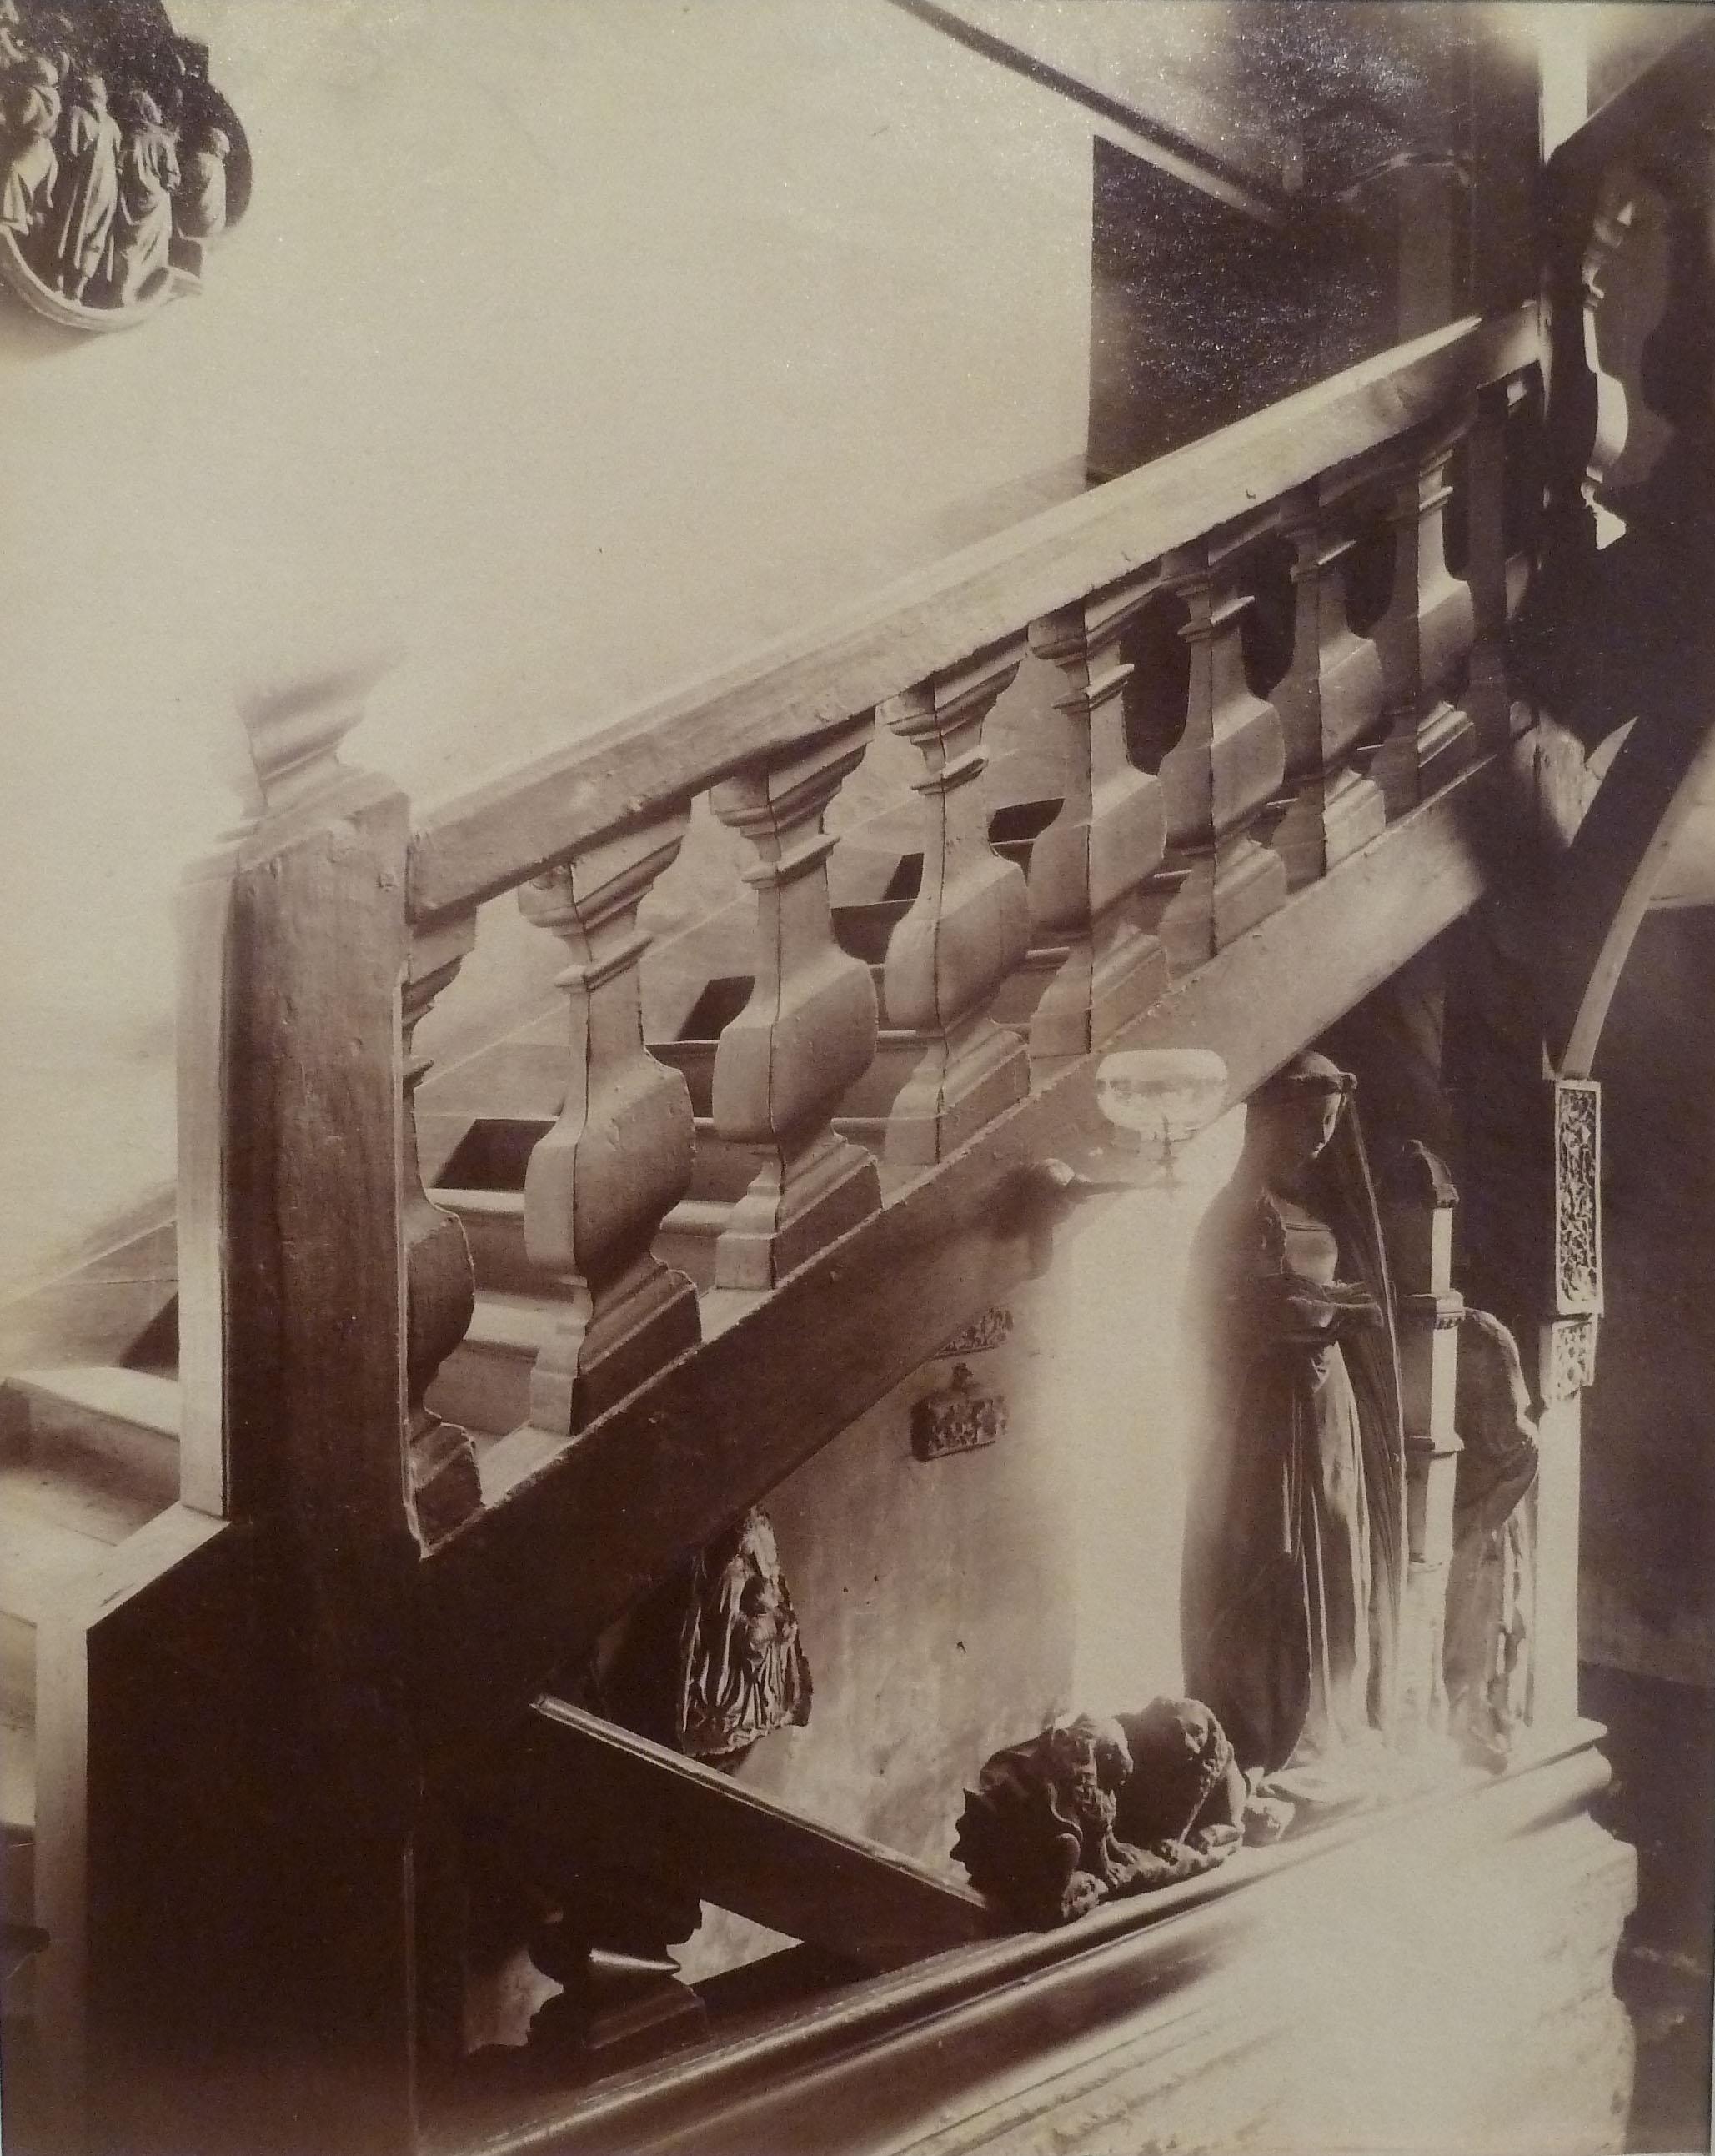 Escalier 13 quai d'Anjou, 1900